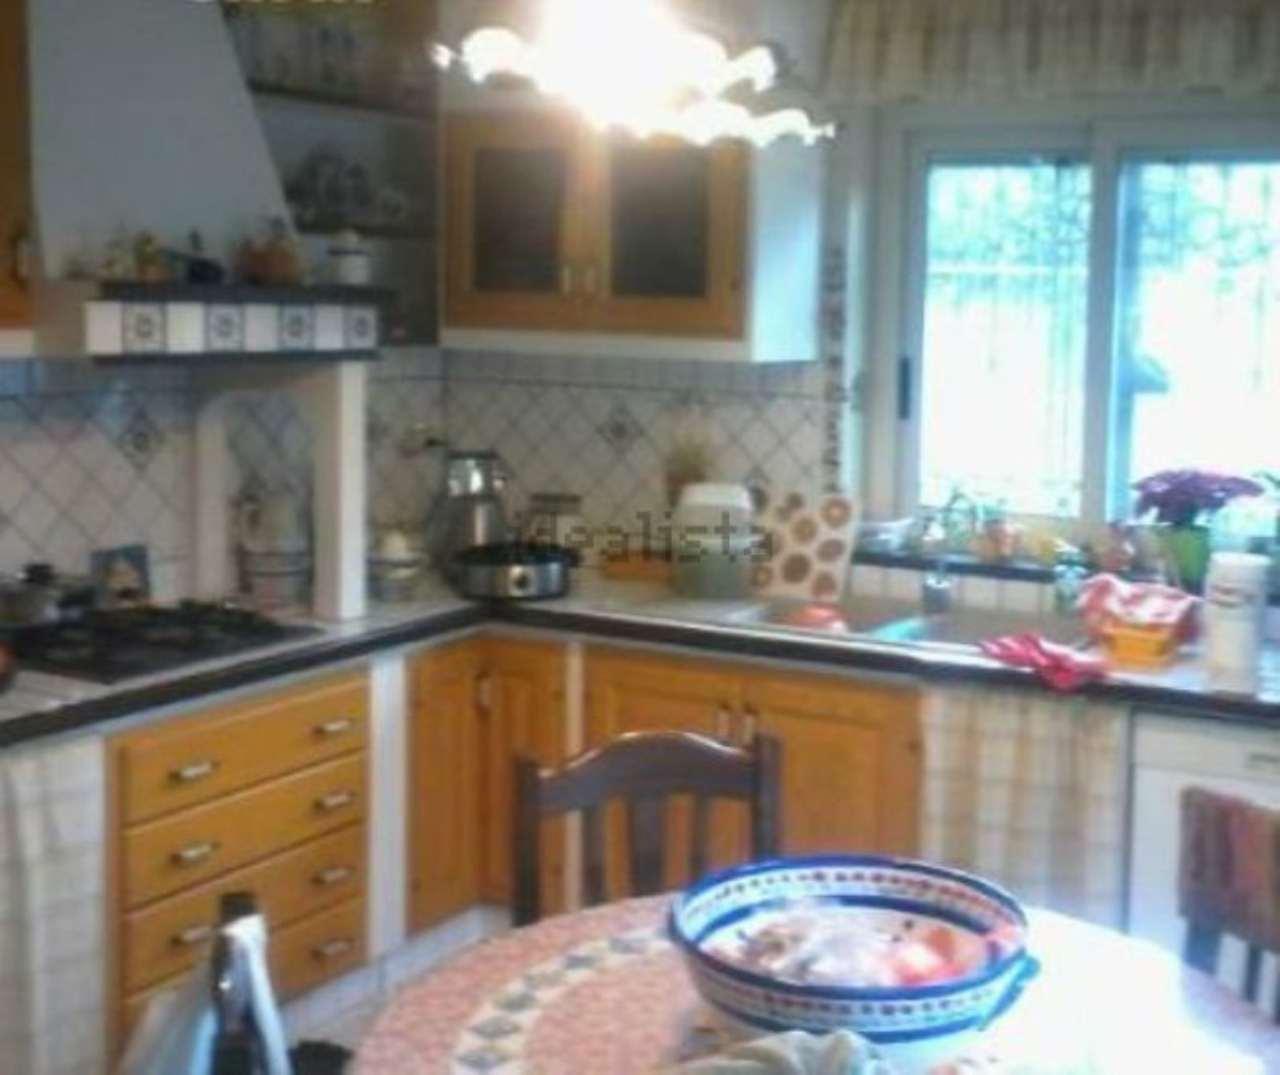 Villa in vendita a Mascalucia, 9999 locali, prezzo € 230.000 | Cambio Casa.it